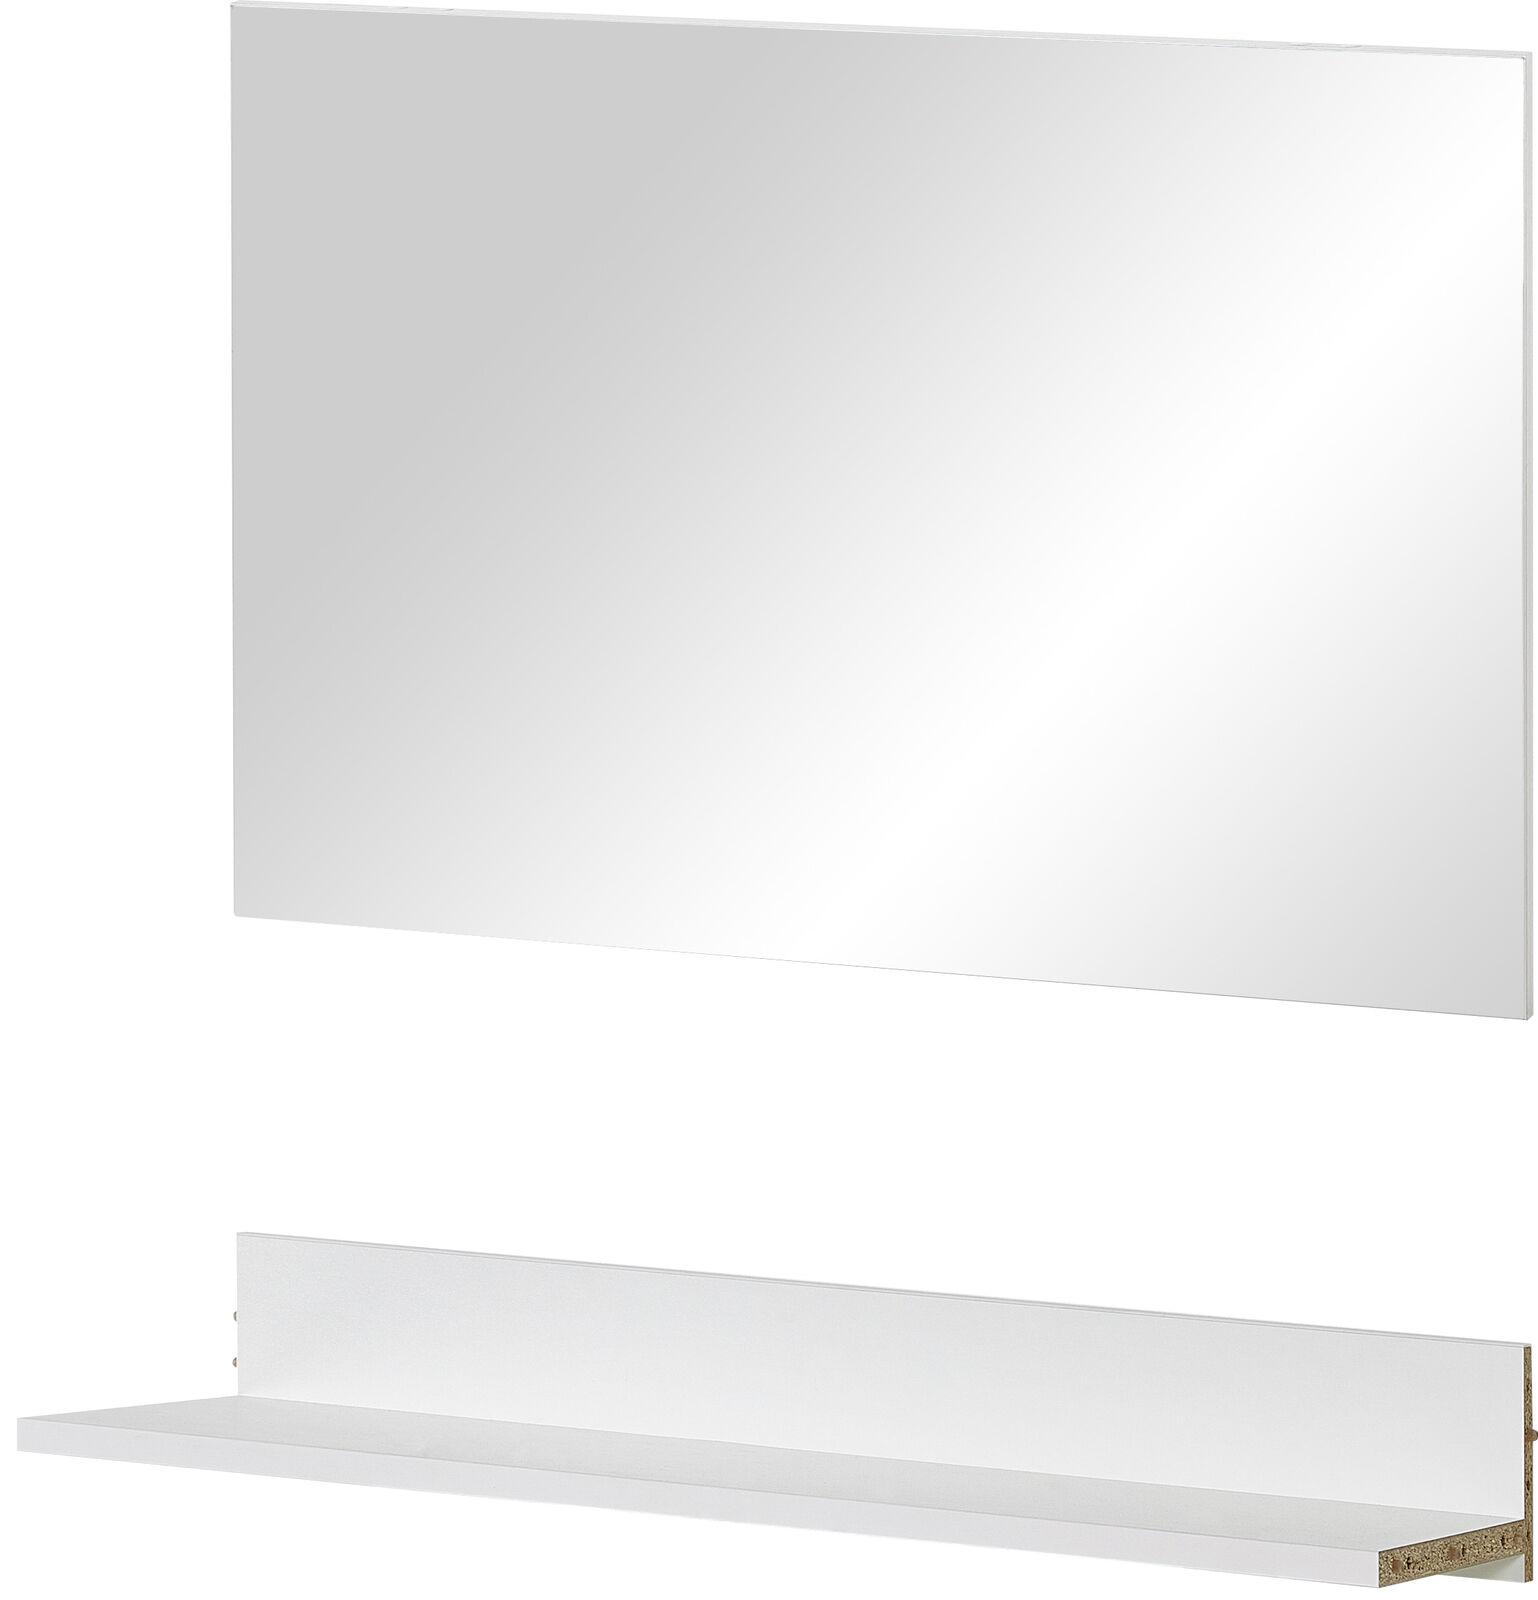 Spiegel + Ablage für Garderobe Kiel Flur Diele Wandspiegel Regal weiß